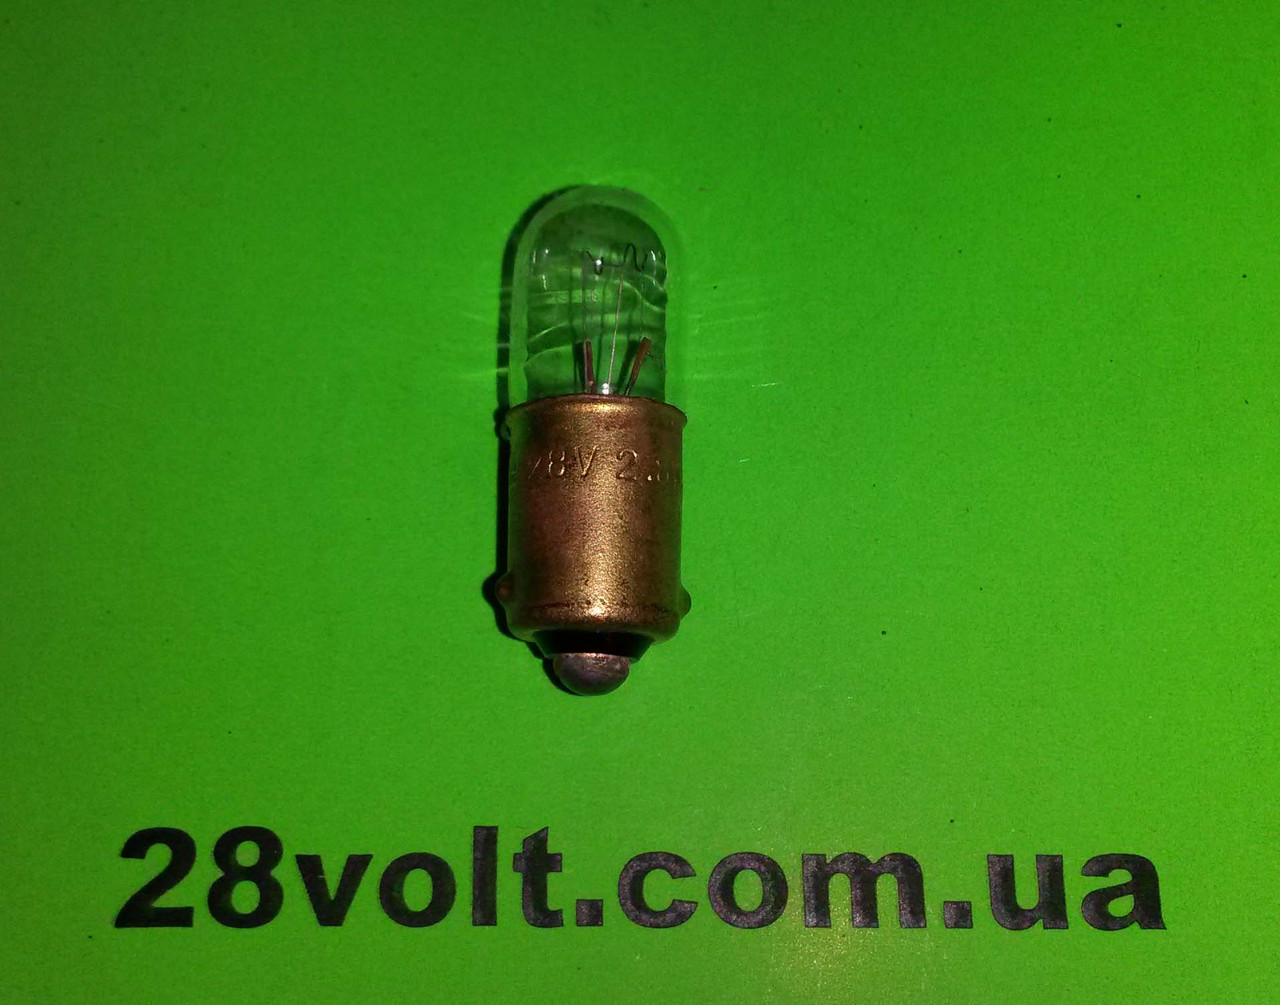 Лампа СМ 28-4,8 B9s